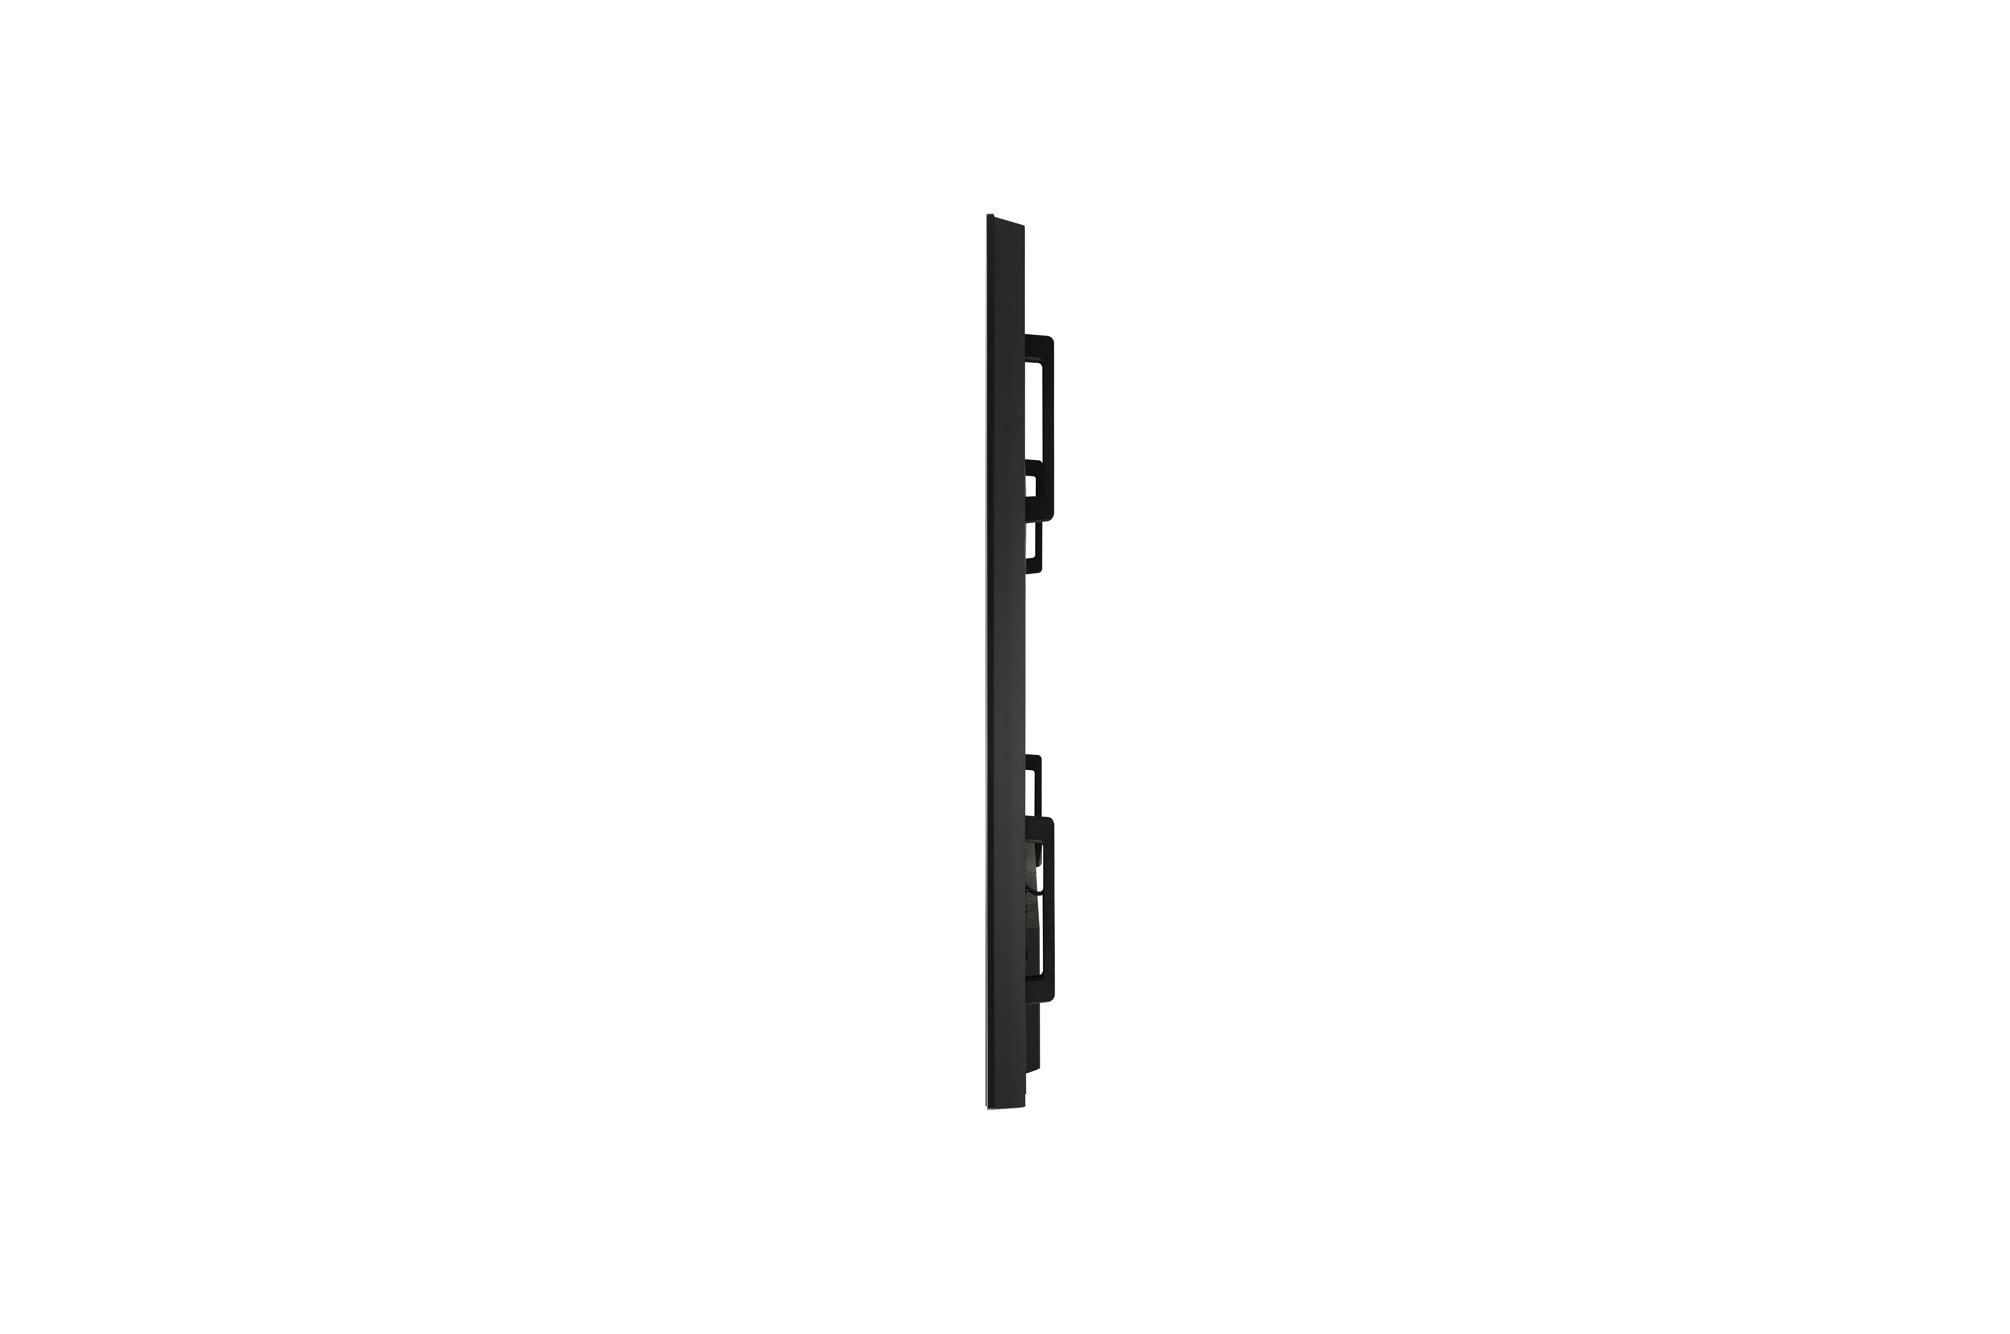 LG Interactive 86TN3F-B 5